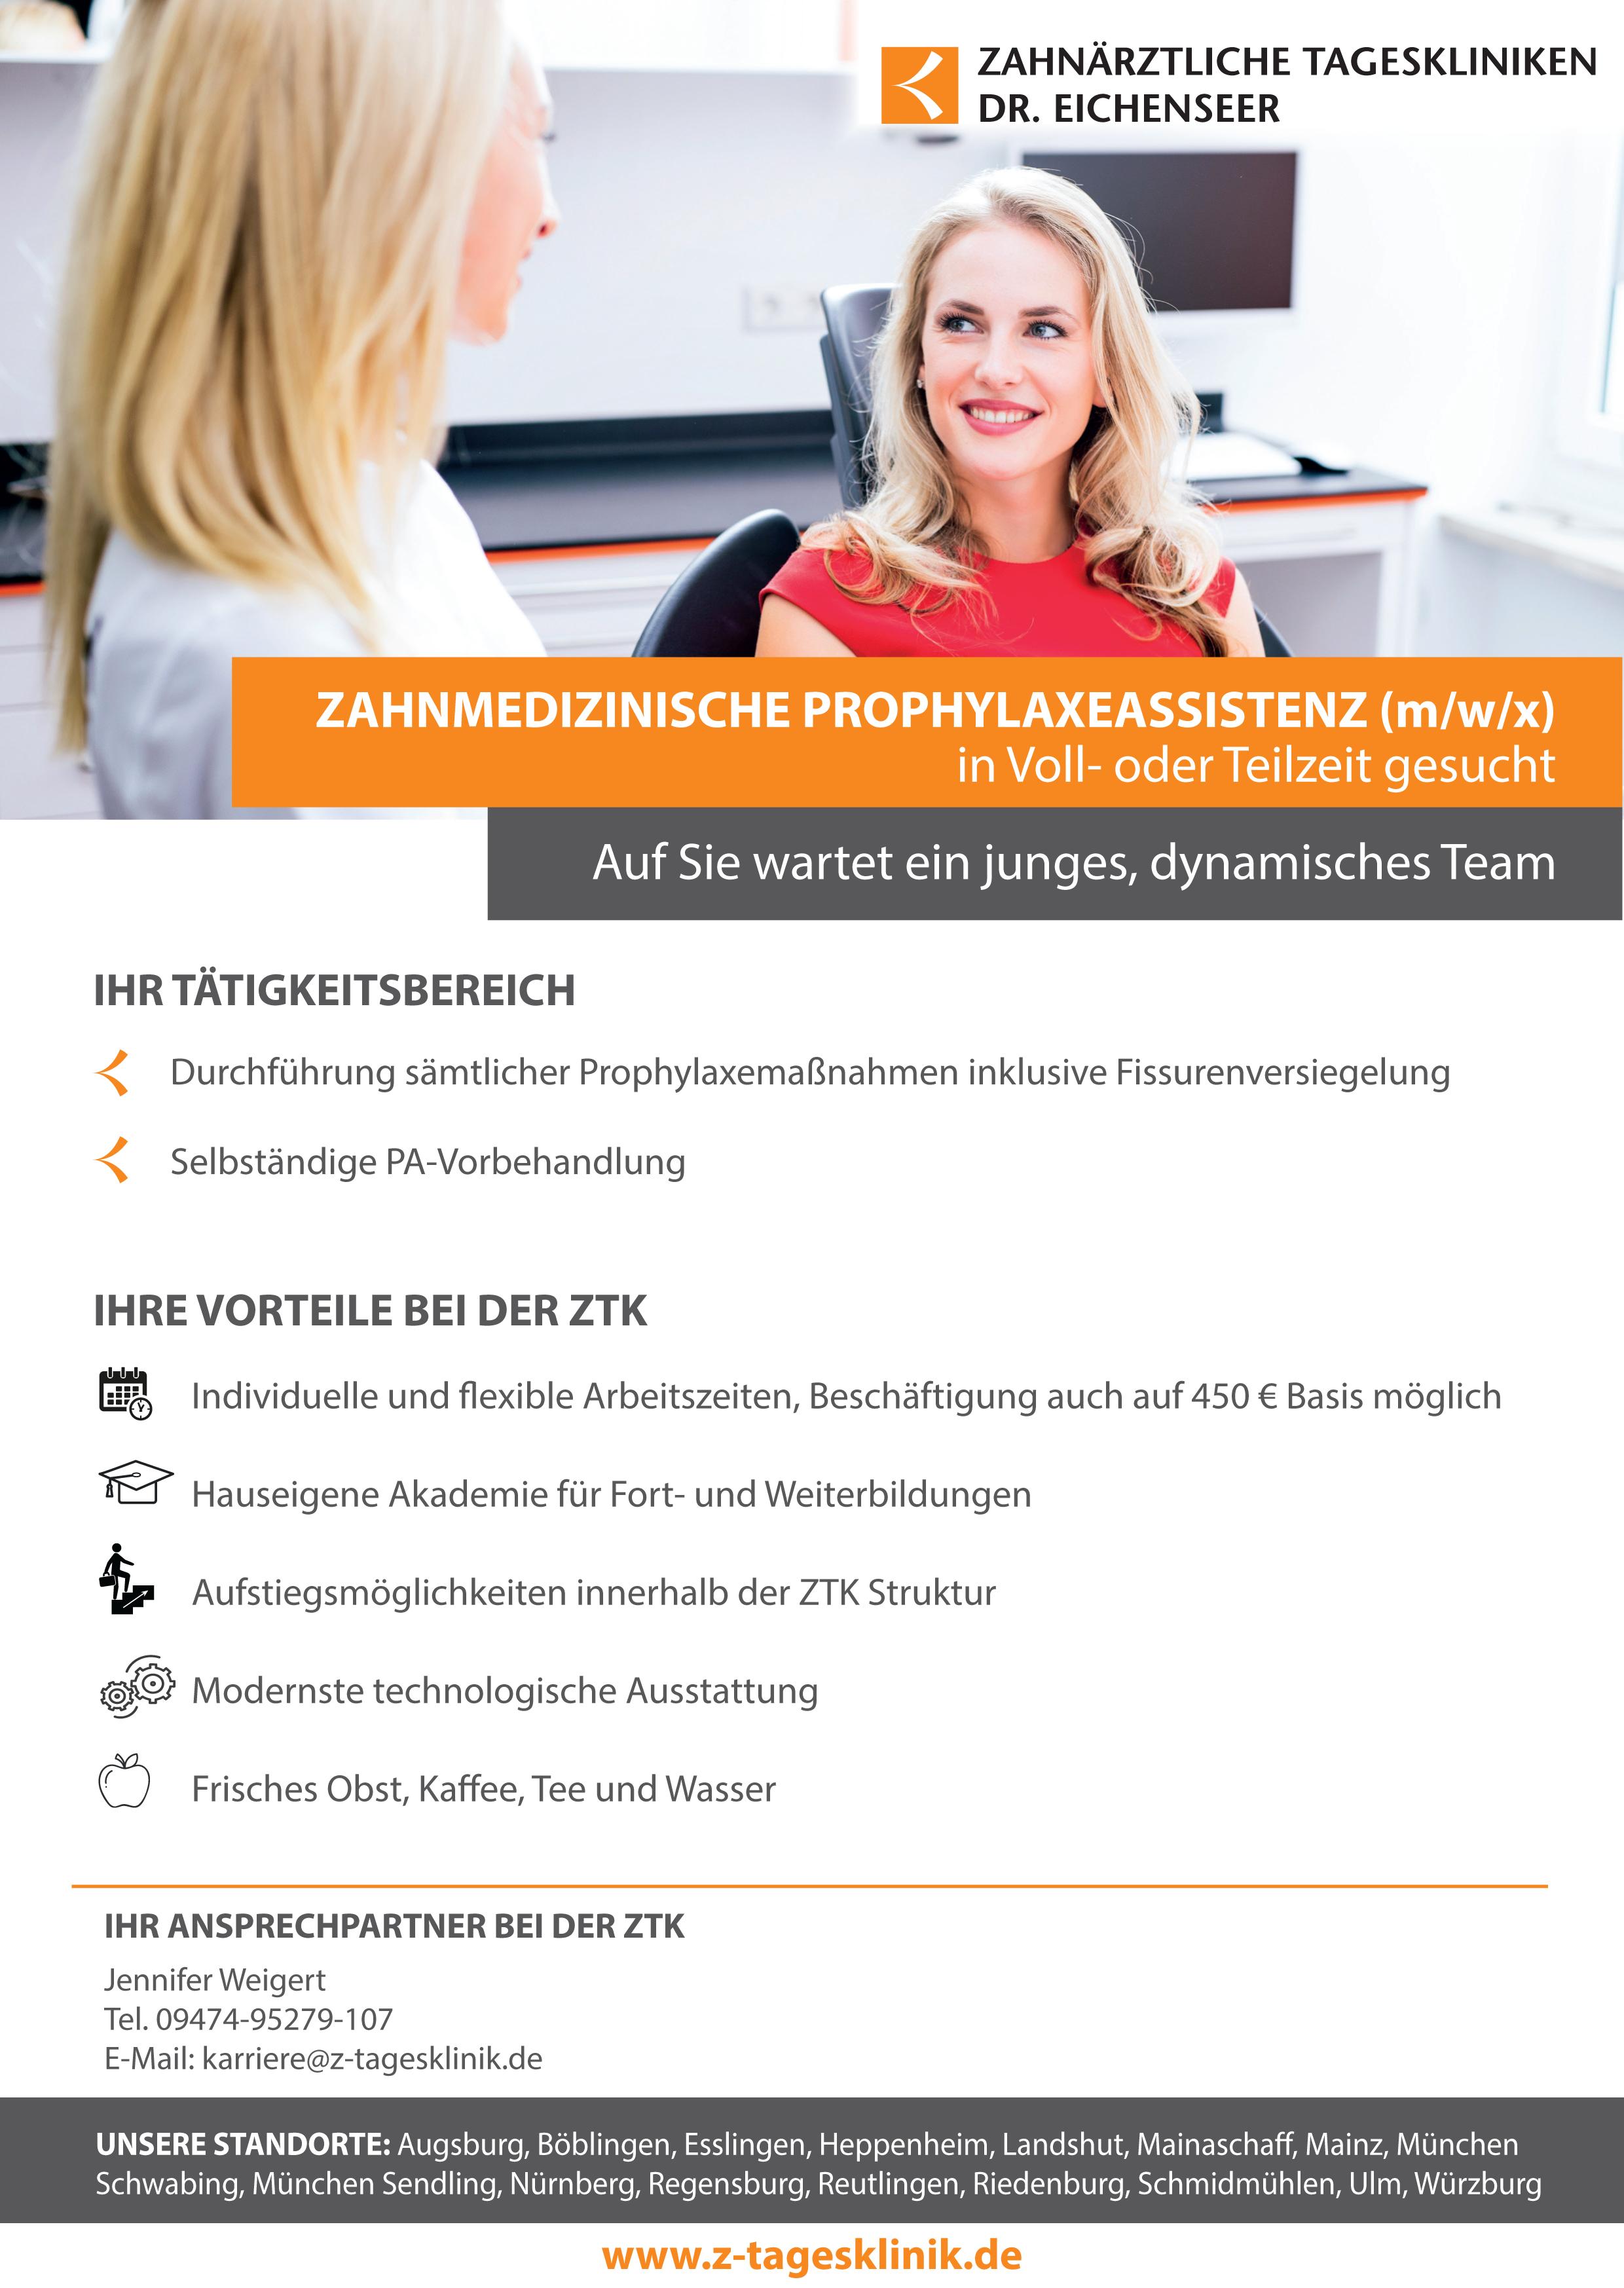 Stellenangebot DH Zahnaerztliche-Tageskliniken-Dr-Eichenseer